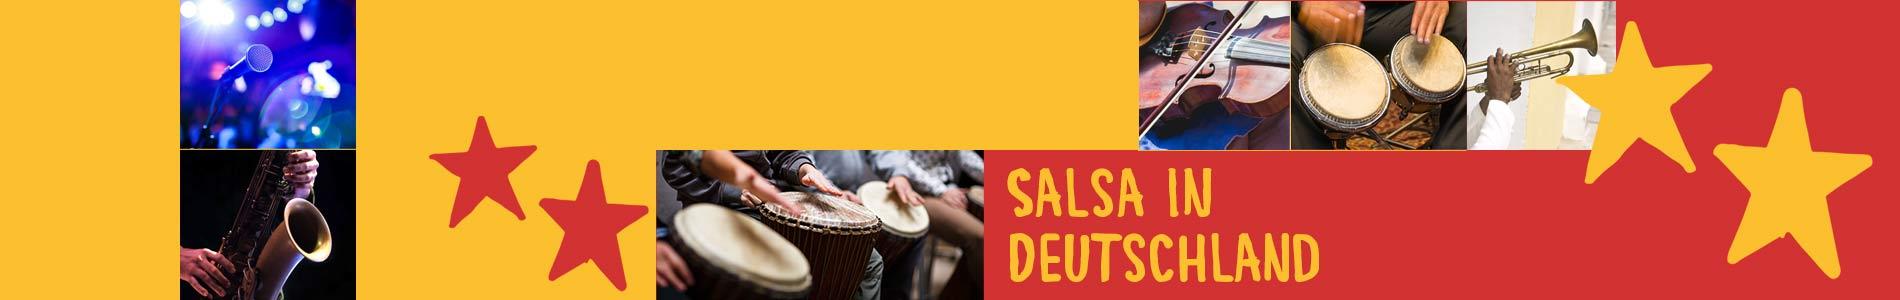 Salsa in Bundenthal – Salsa lernen und tanzen, Tanzkurse, Partys, Veranstaltungen